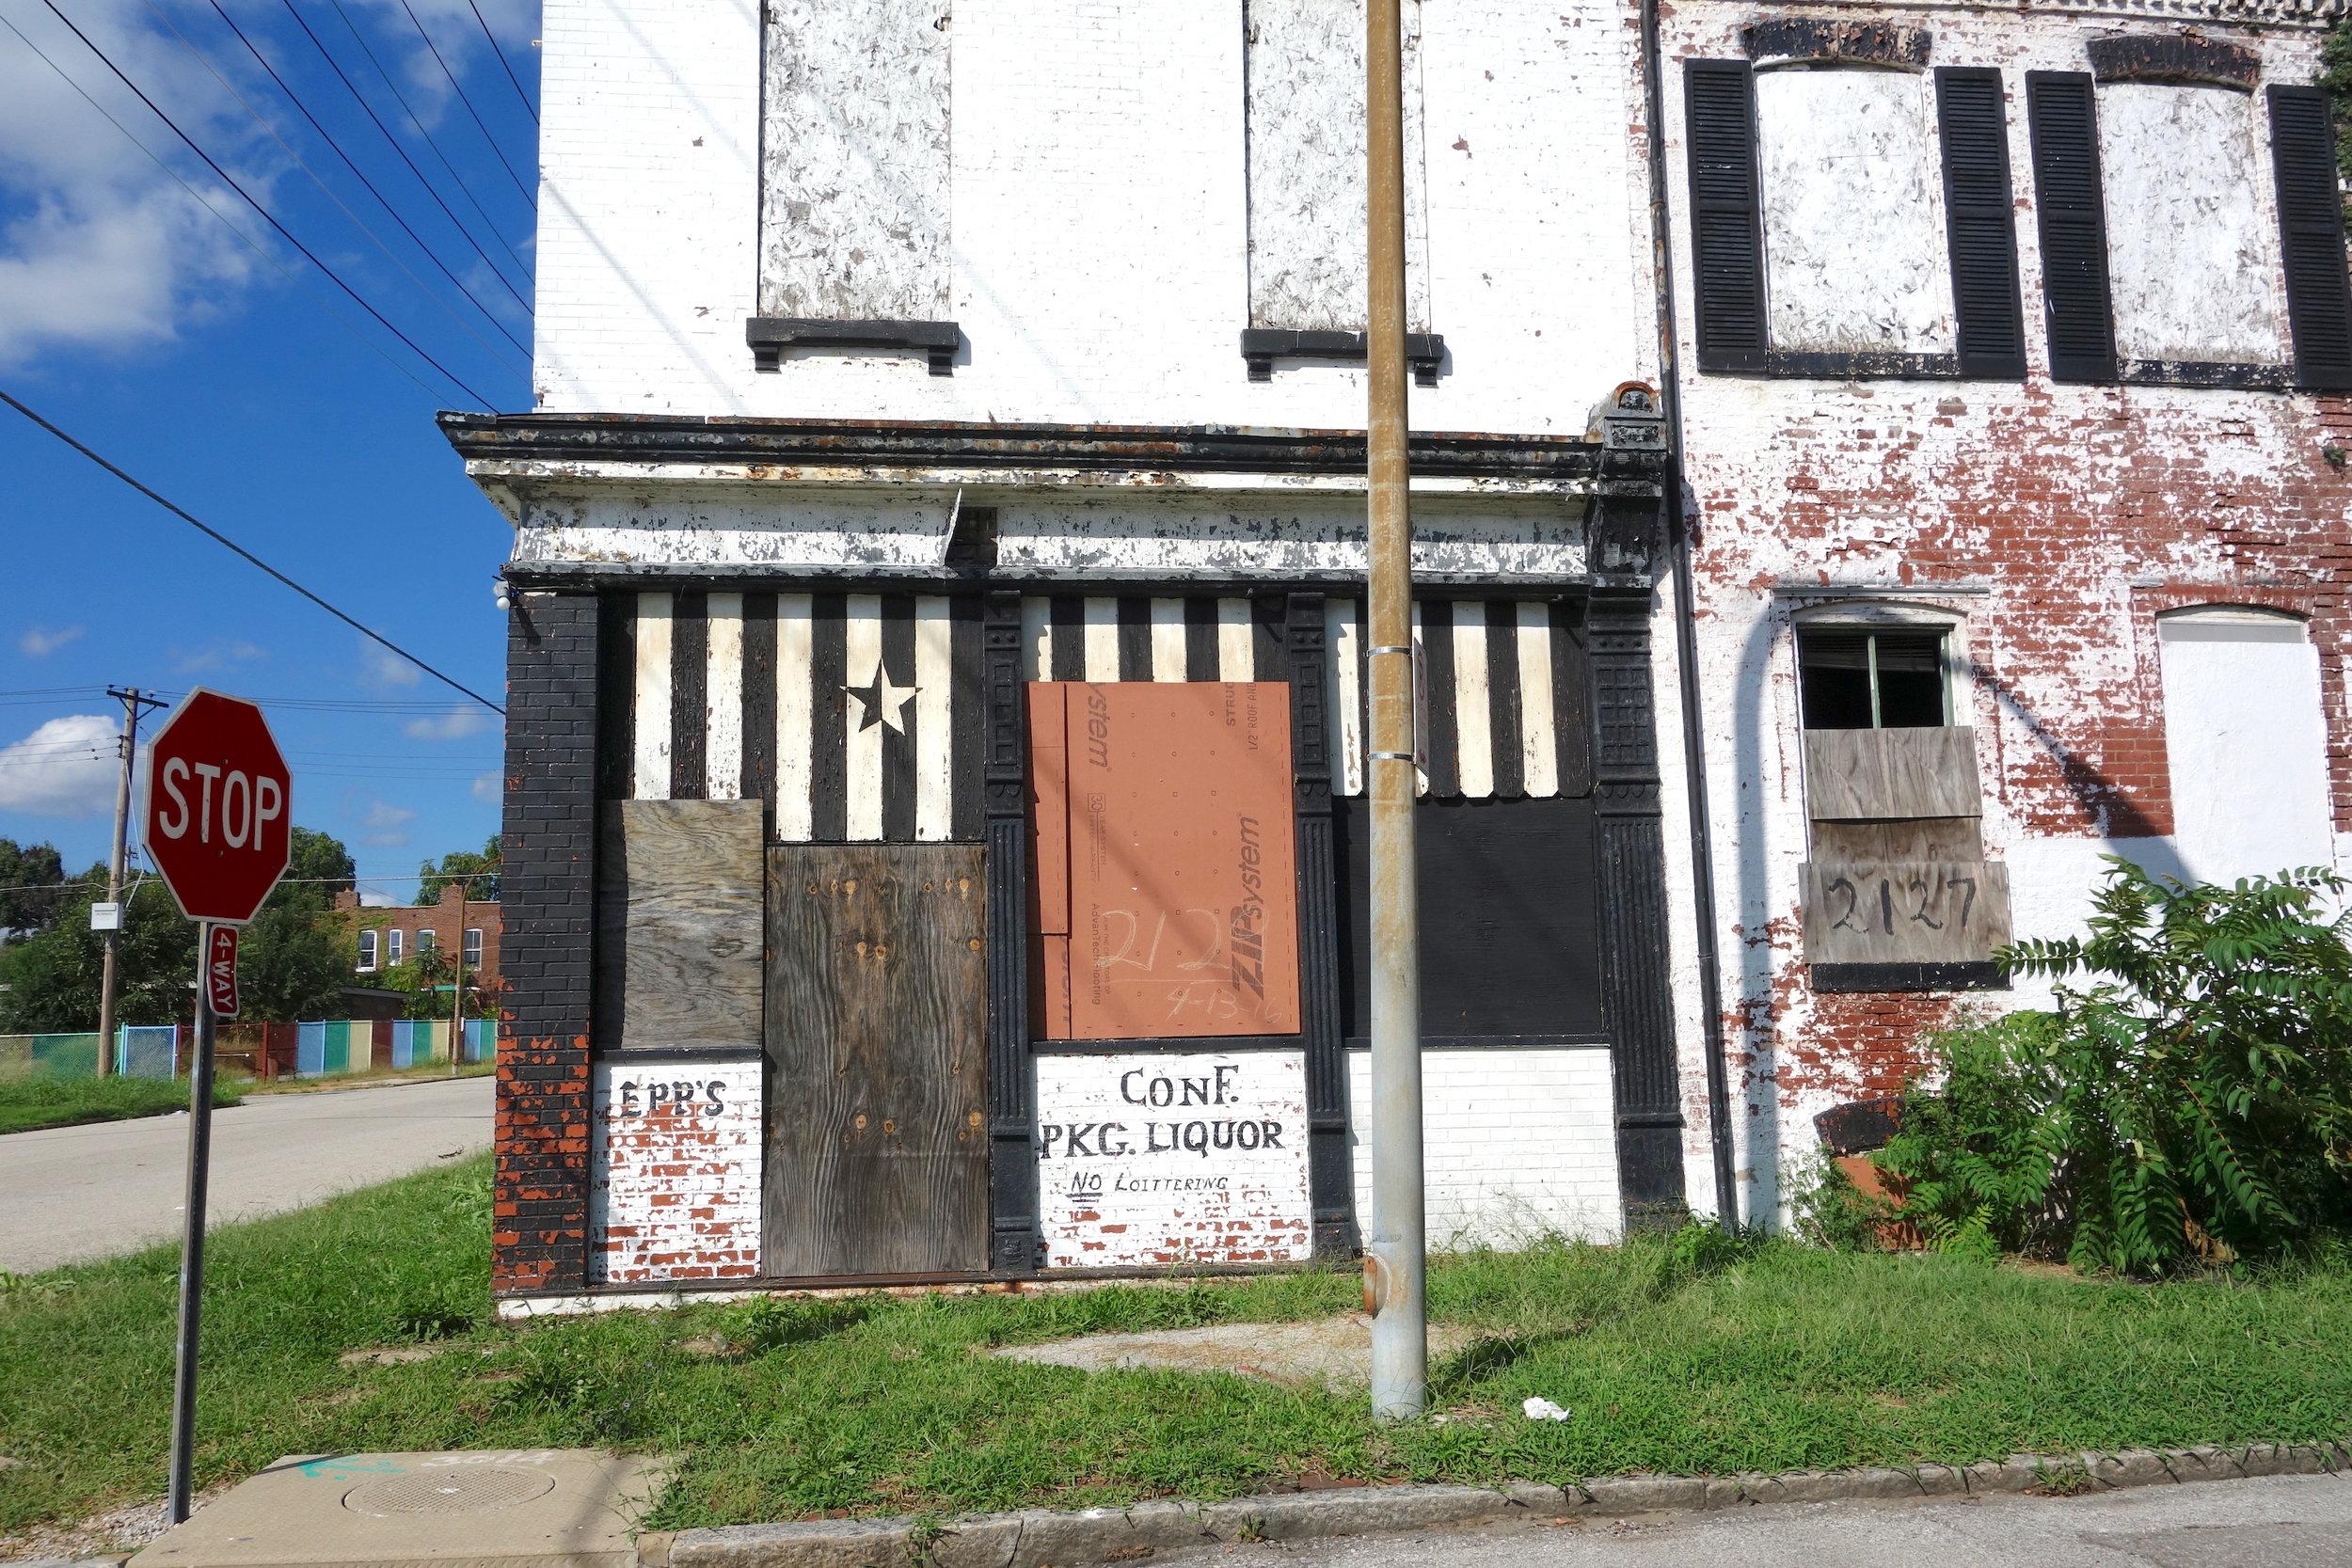 Figure 13. Vacant corner commercial building, St. Louis, 2016. Photograph by Joseph Heathcott.